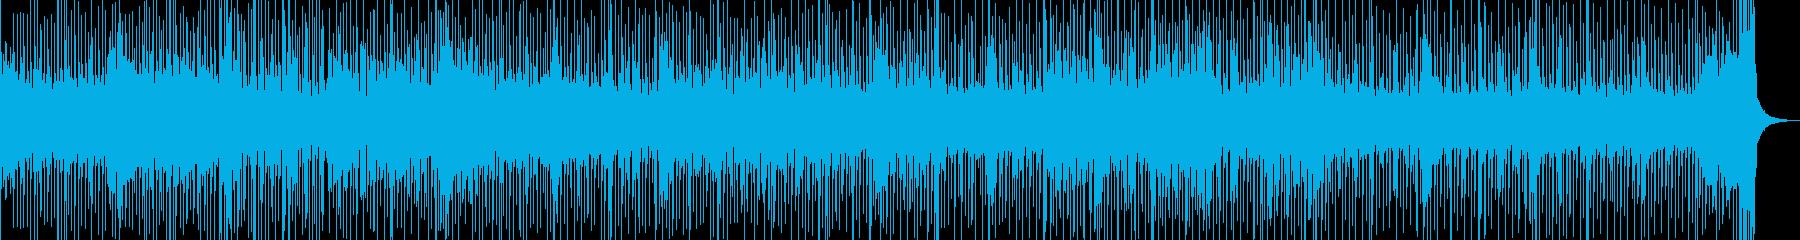 三味線とドラムのスピード感あるセッションの再生済みの波形